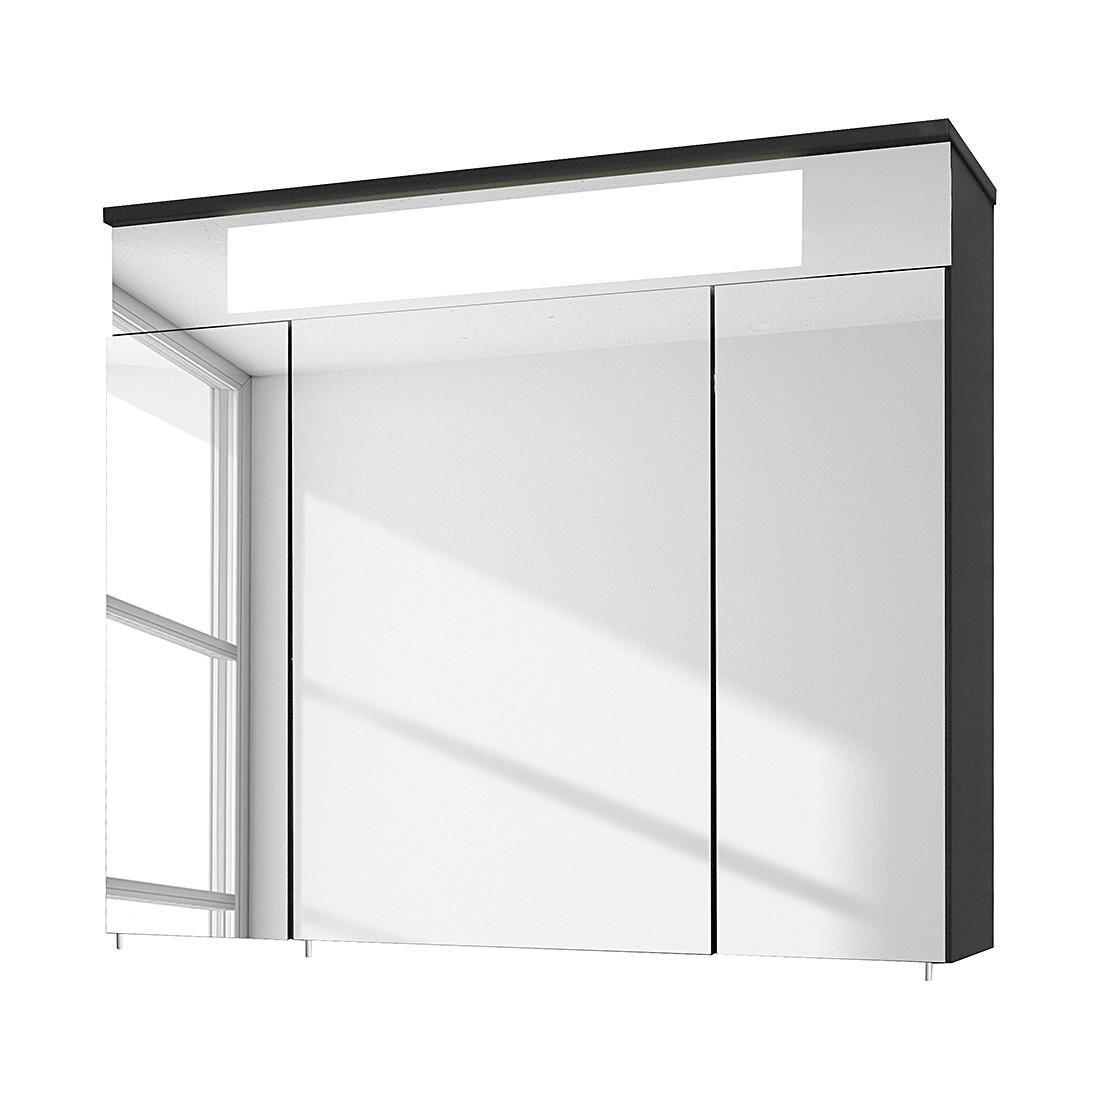 Spiegelschrank Kara – Anthrazit, Fackelmann günstig kaufen